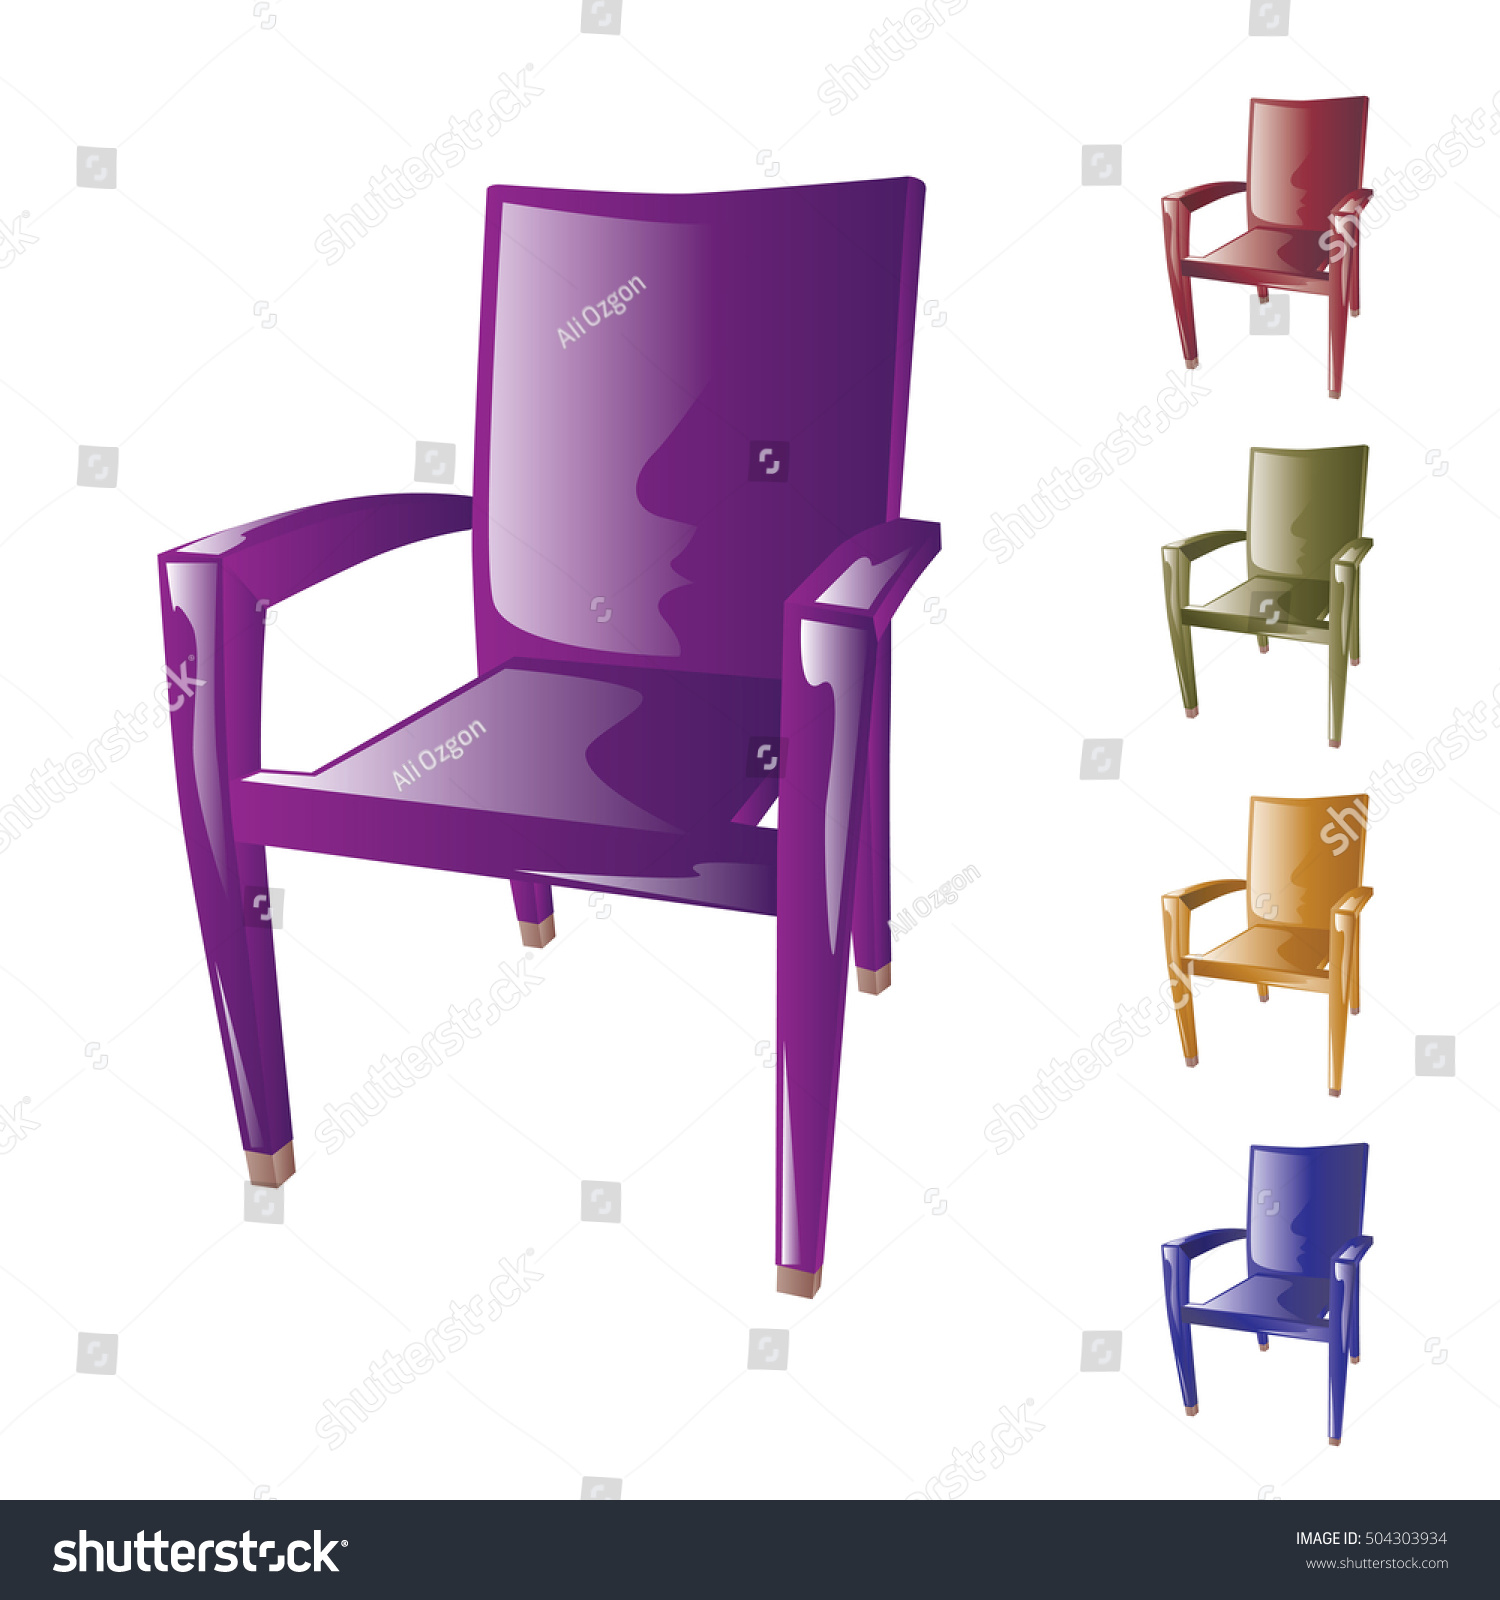 Plastic Chairs Vector Stock Vector Shutterstock